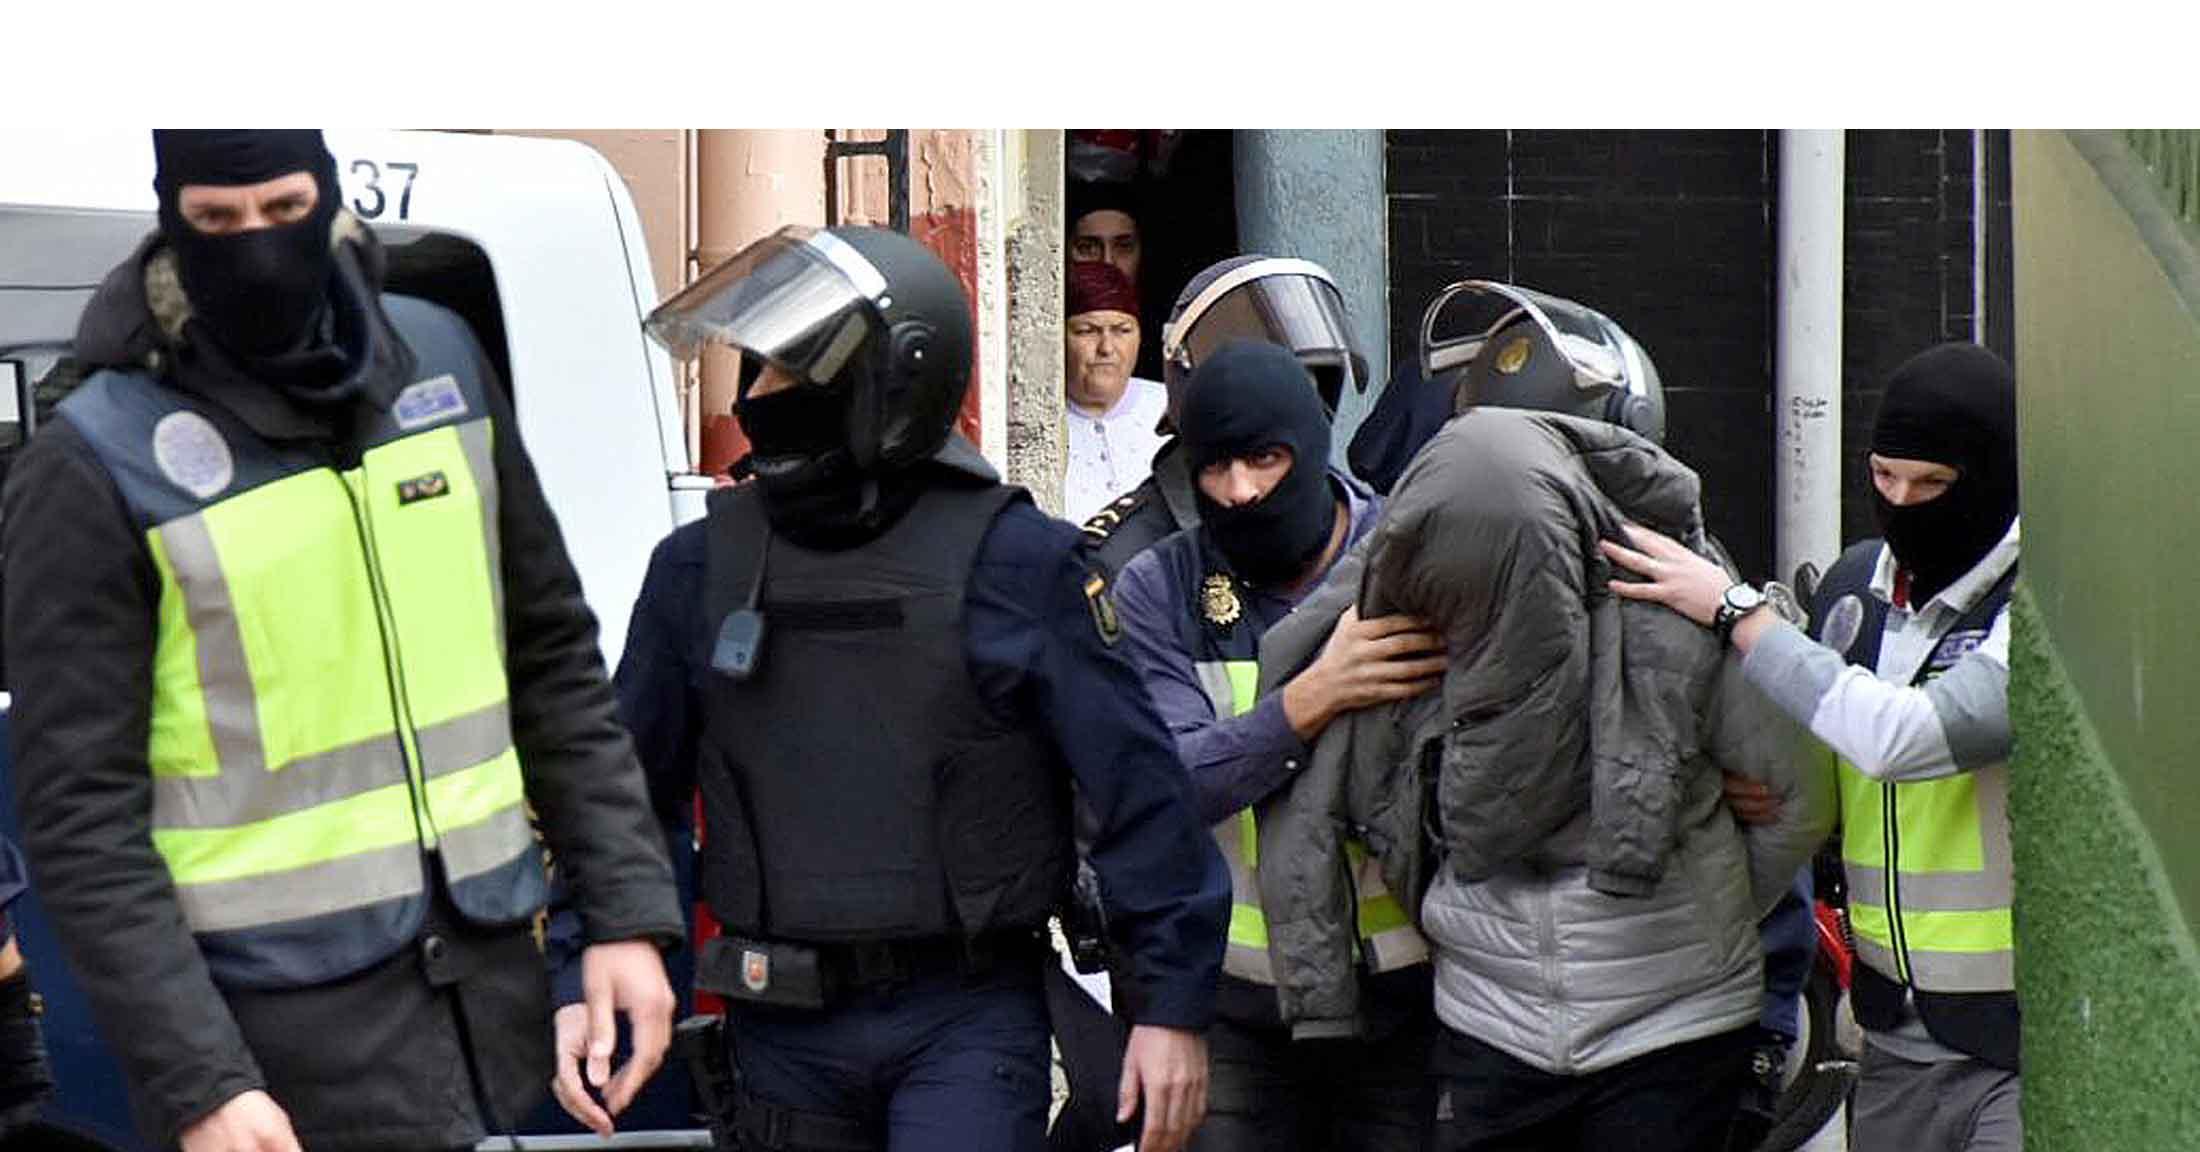 Los sujetos de nacionalidad marroquí se encargaban de reclutar personas y hacer propagandas en nombre del Estado Islámico